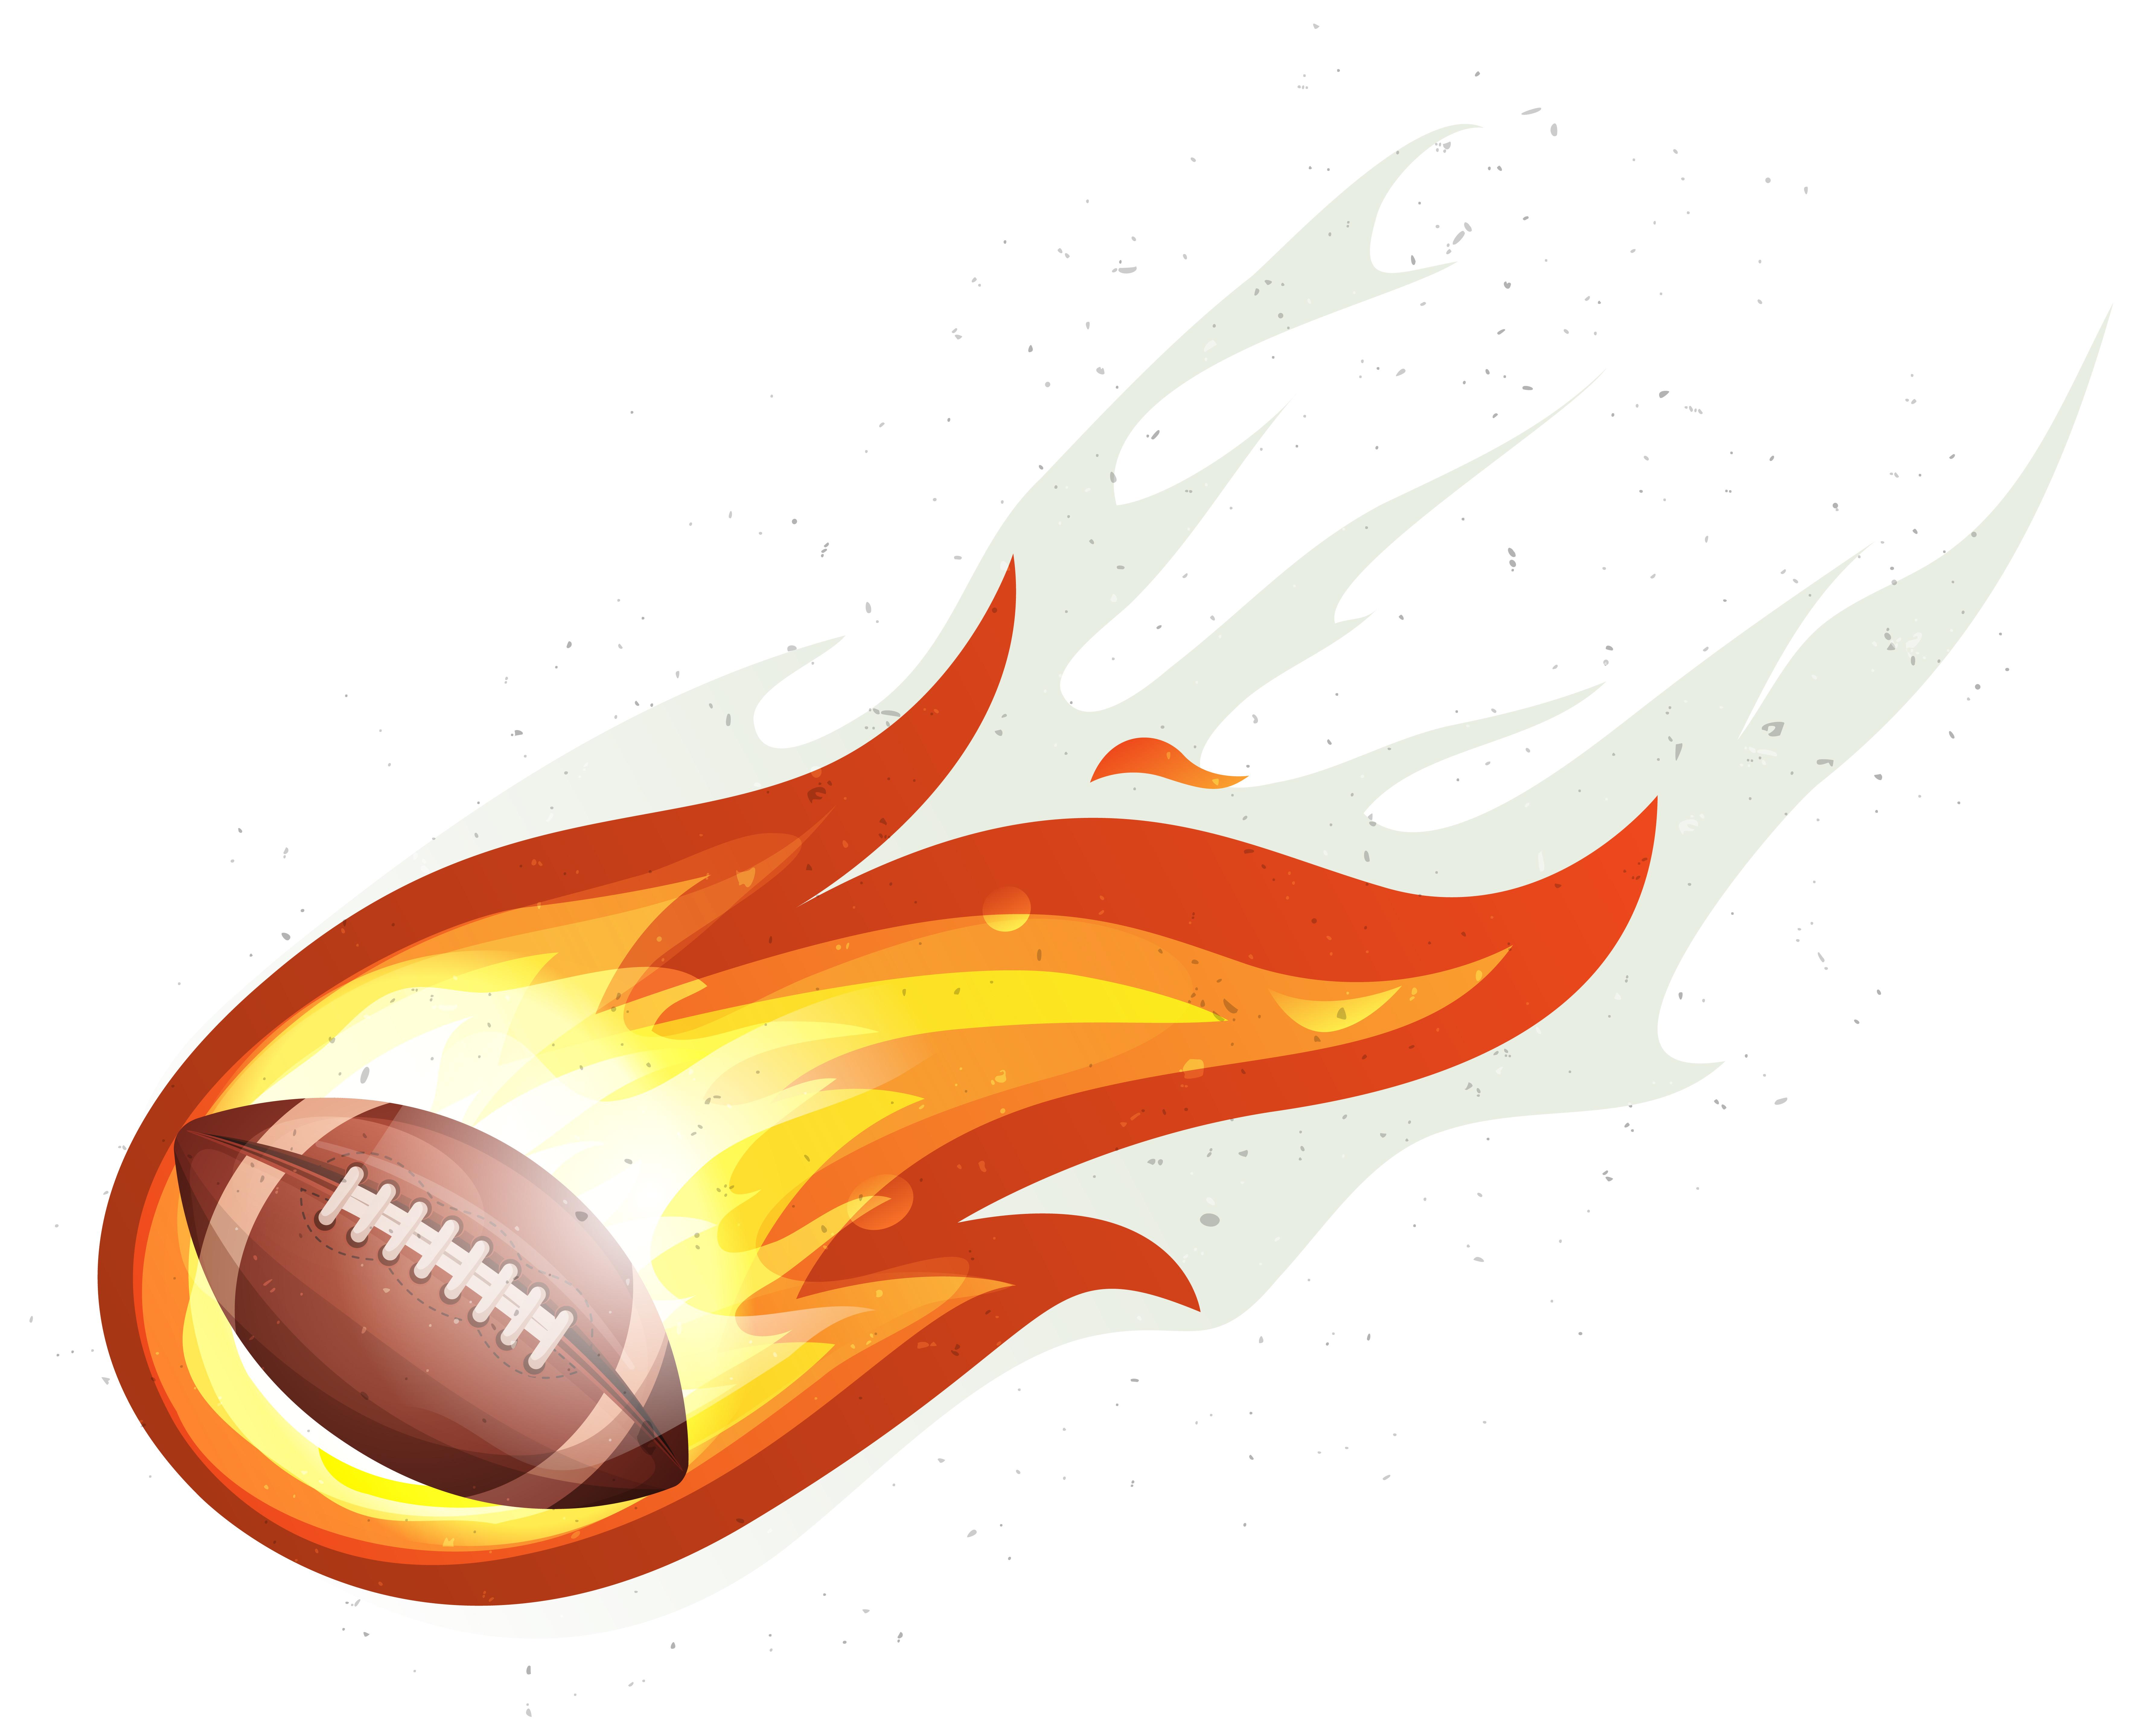 Bola de cohete de fútbol americano ardiendo - Descargue Gráficos y Vectores  Gratis aa11ccf5f1af3